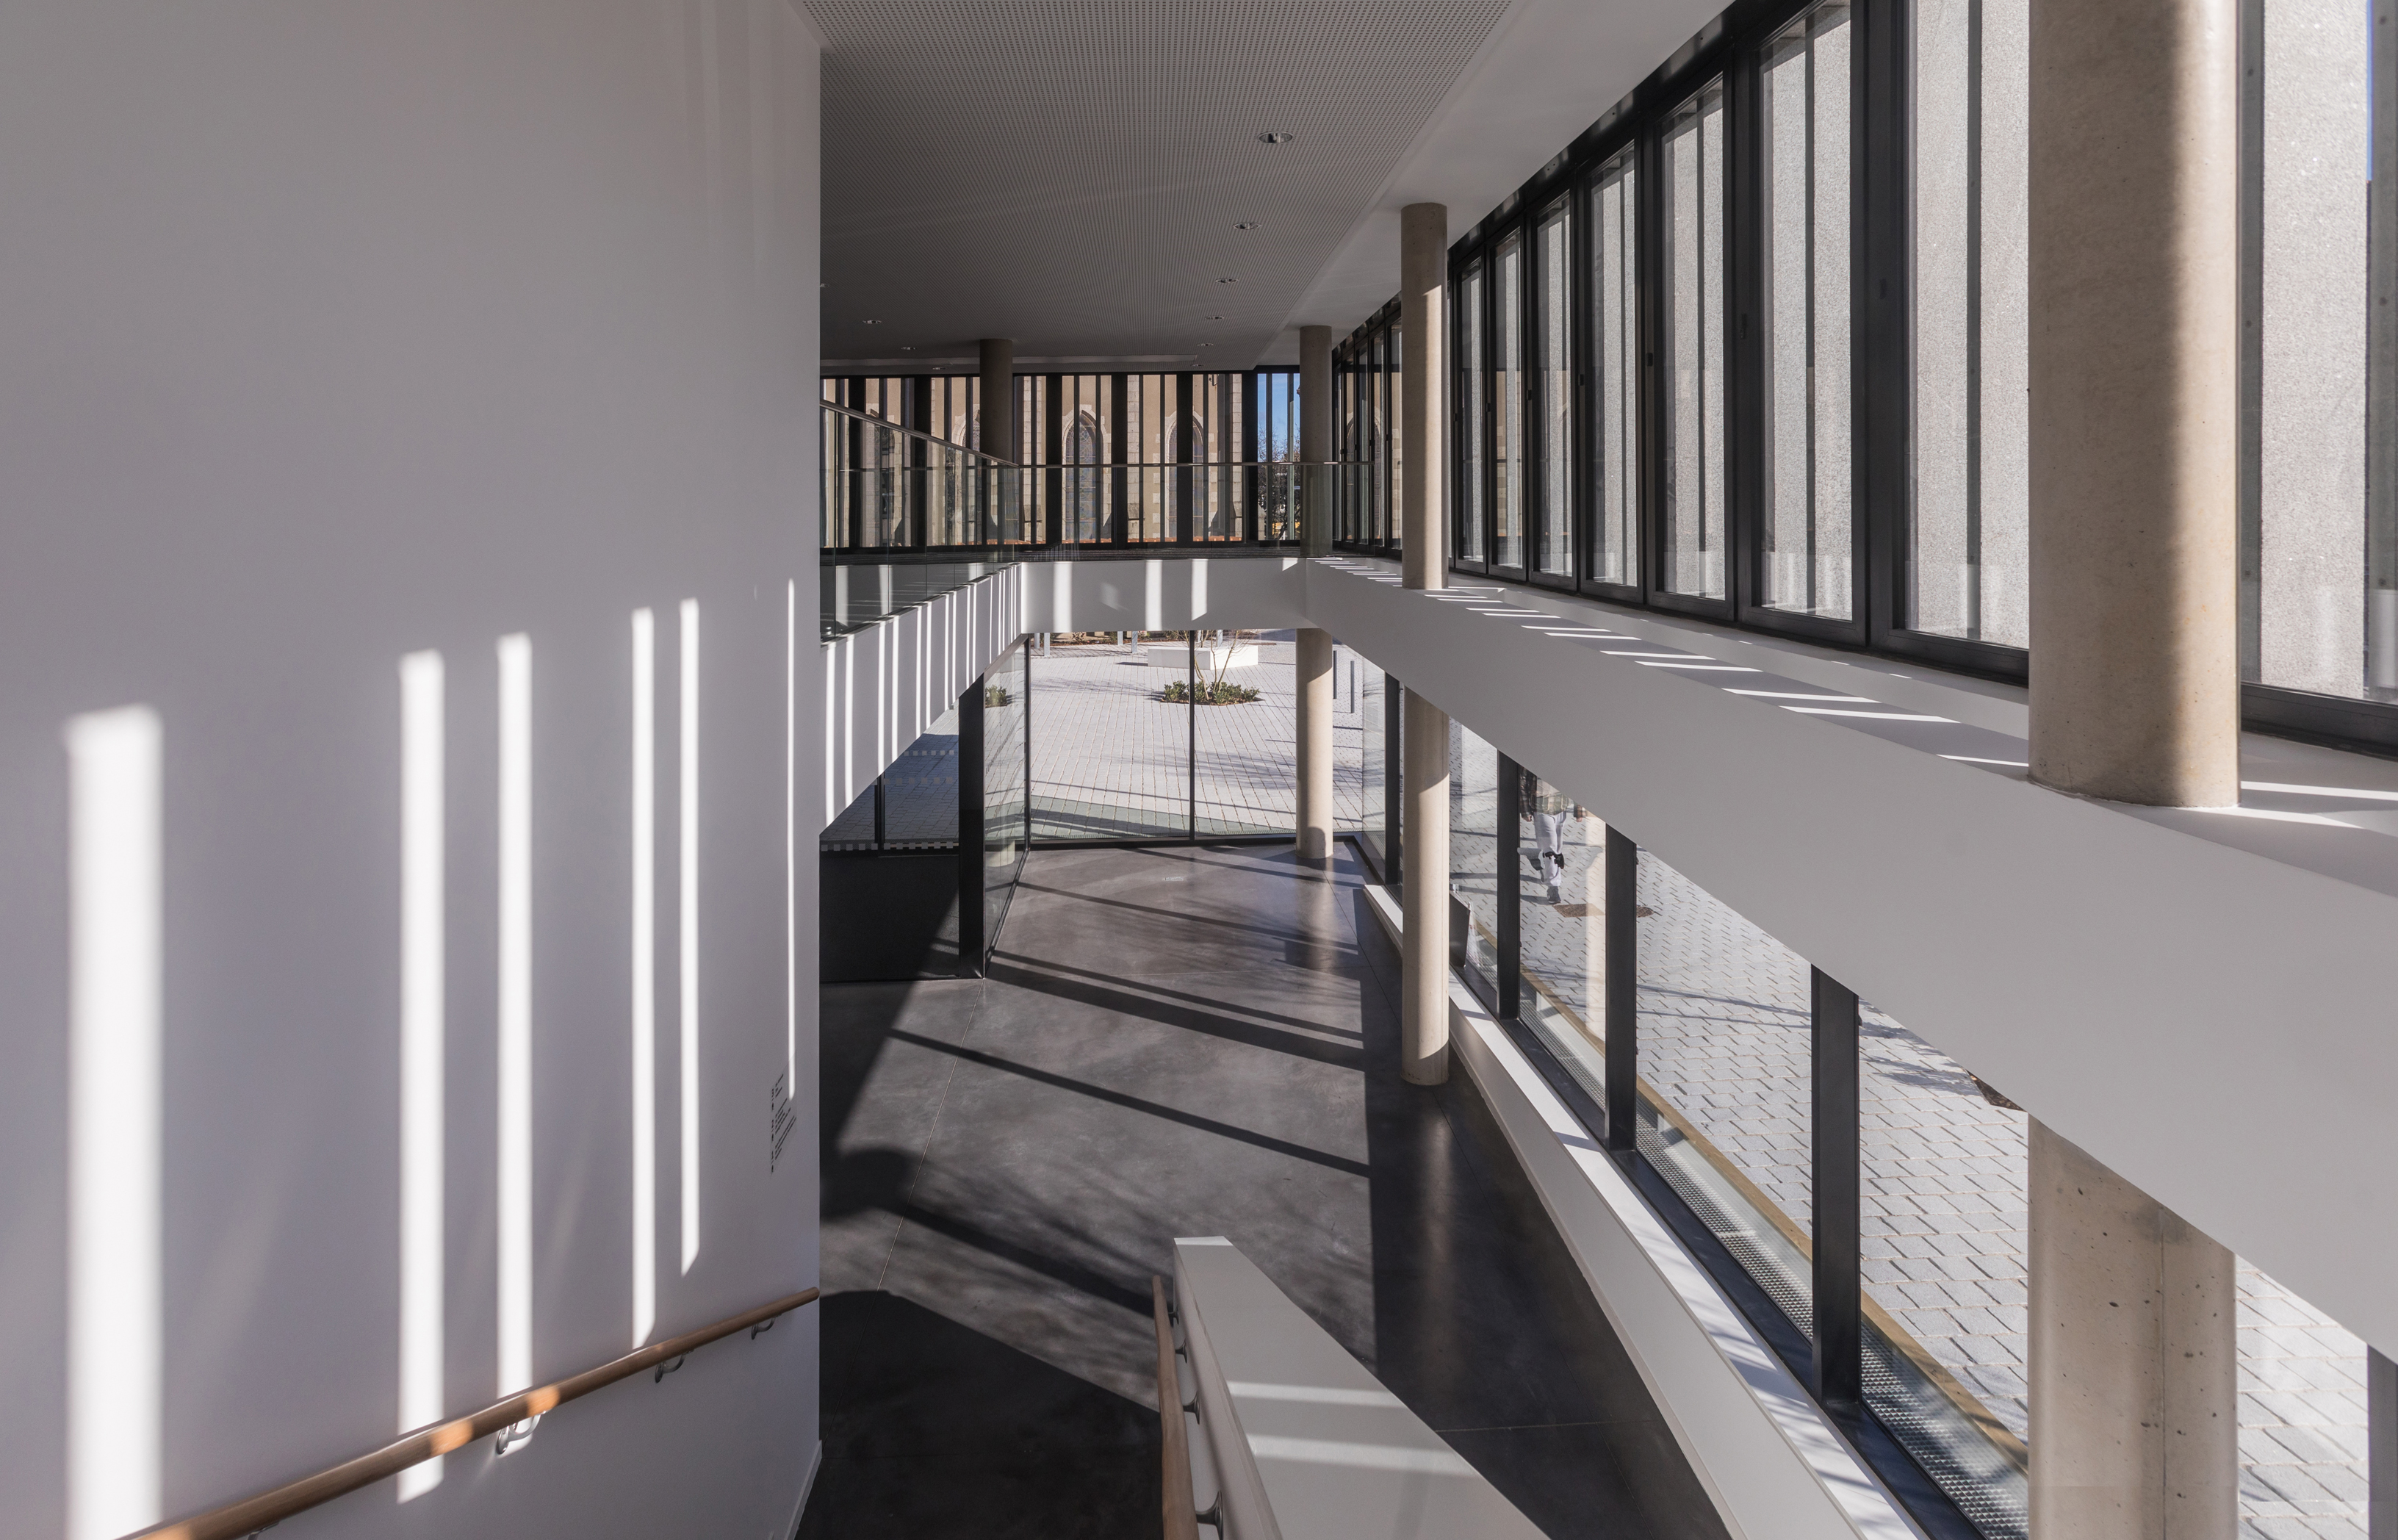 Architecture bureau ingenierie nantes projet topos architecture